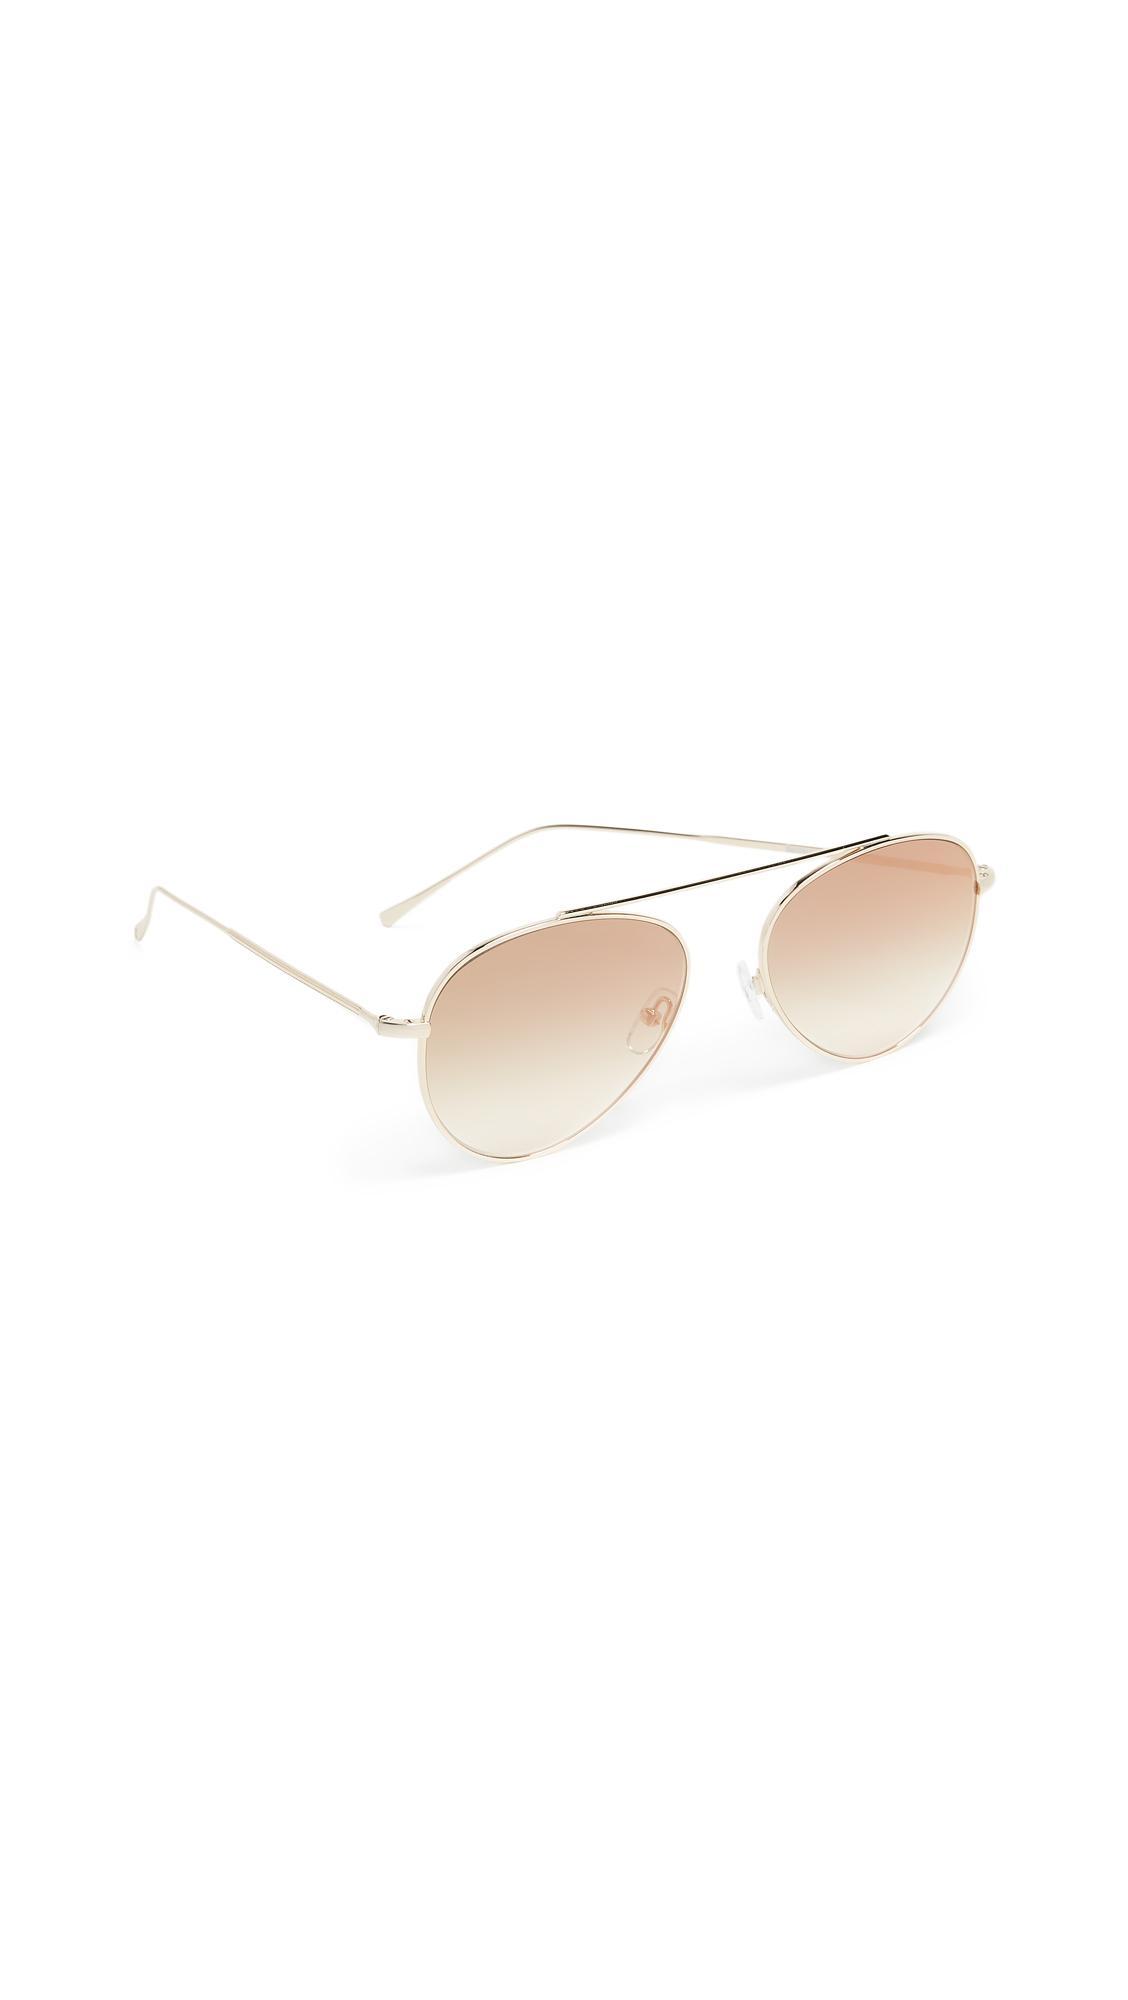 Illesteva Dorchester Gradient Mirrored Sunglasses In Gold/Gold